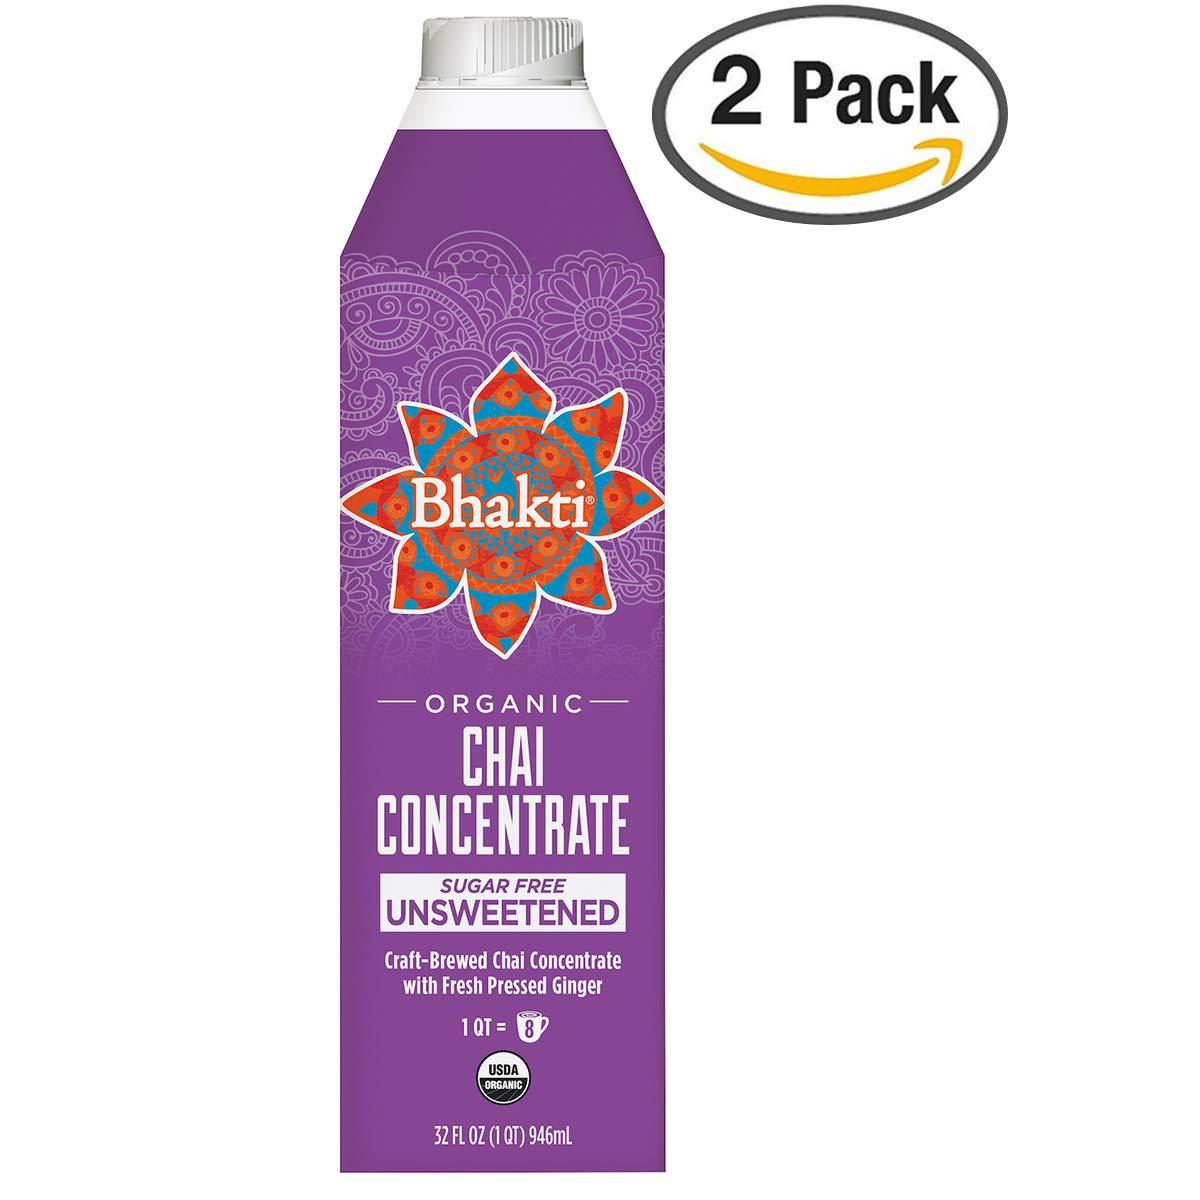 Bhakti Fair Trade Vegan Premium Chai Tea Concentrate (Unsweetened, 2-Pack) by Bhakti Chai